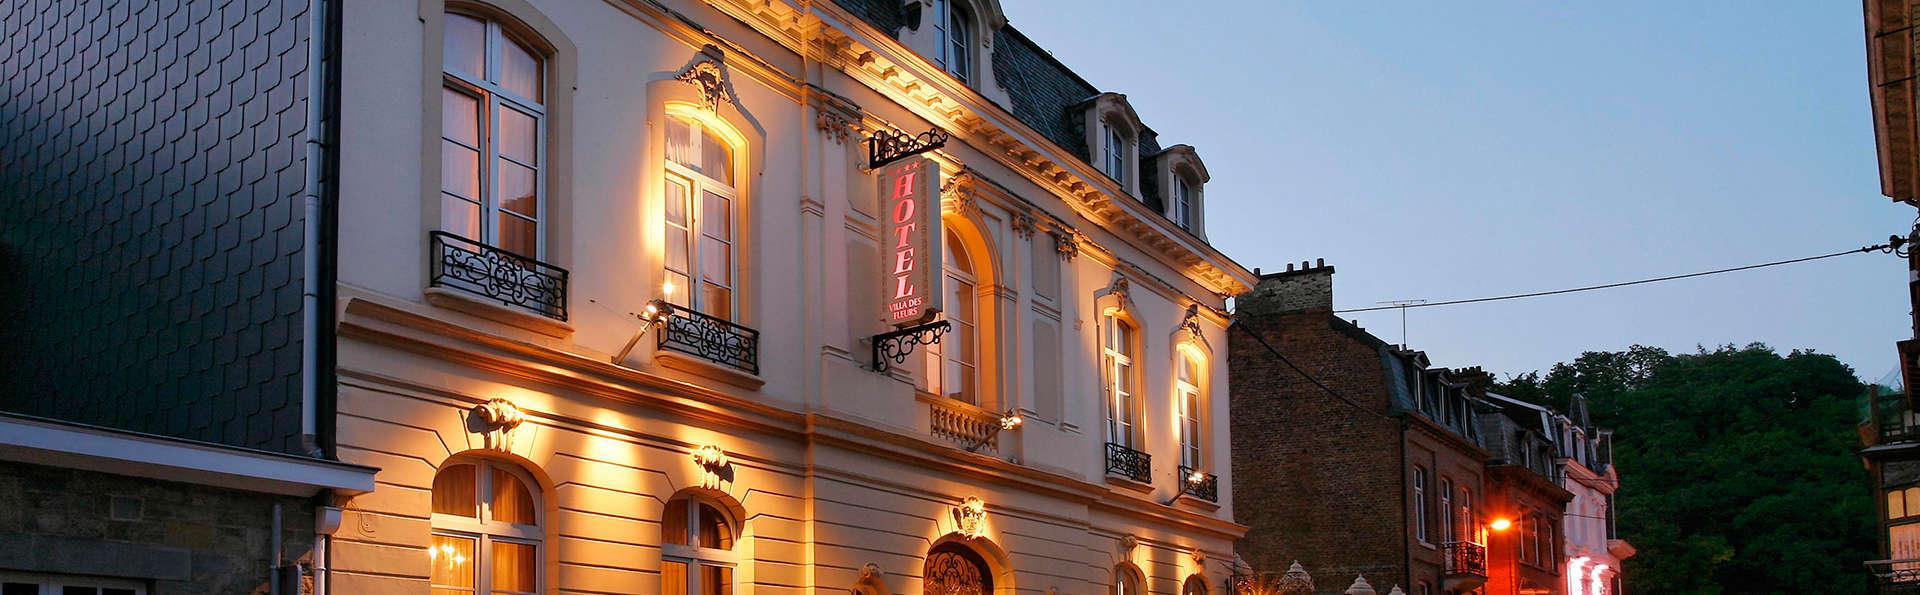 Hôtel La Villa des Fleurs  - EDIT_front1.jpg